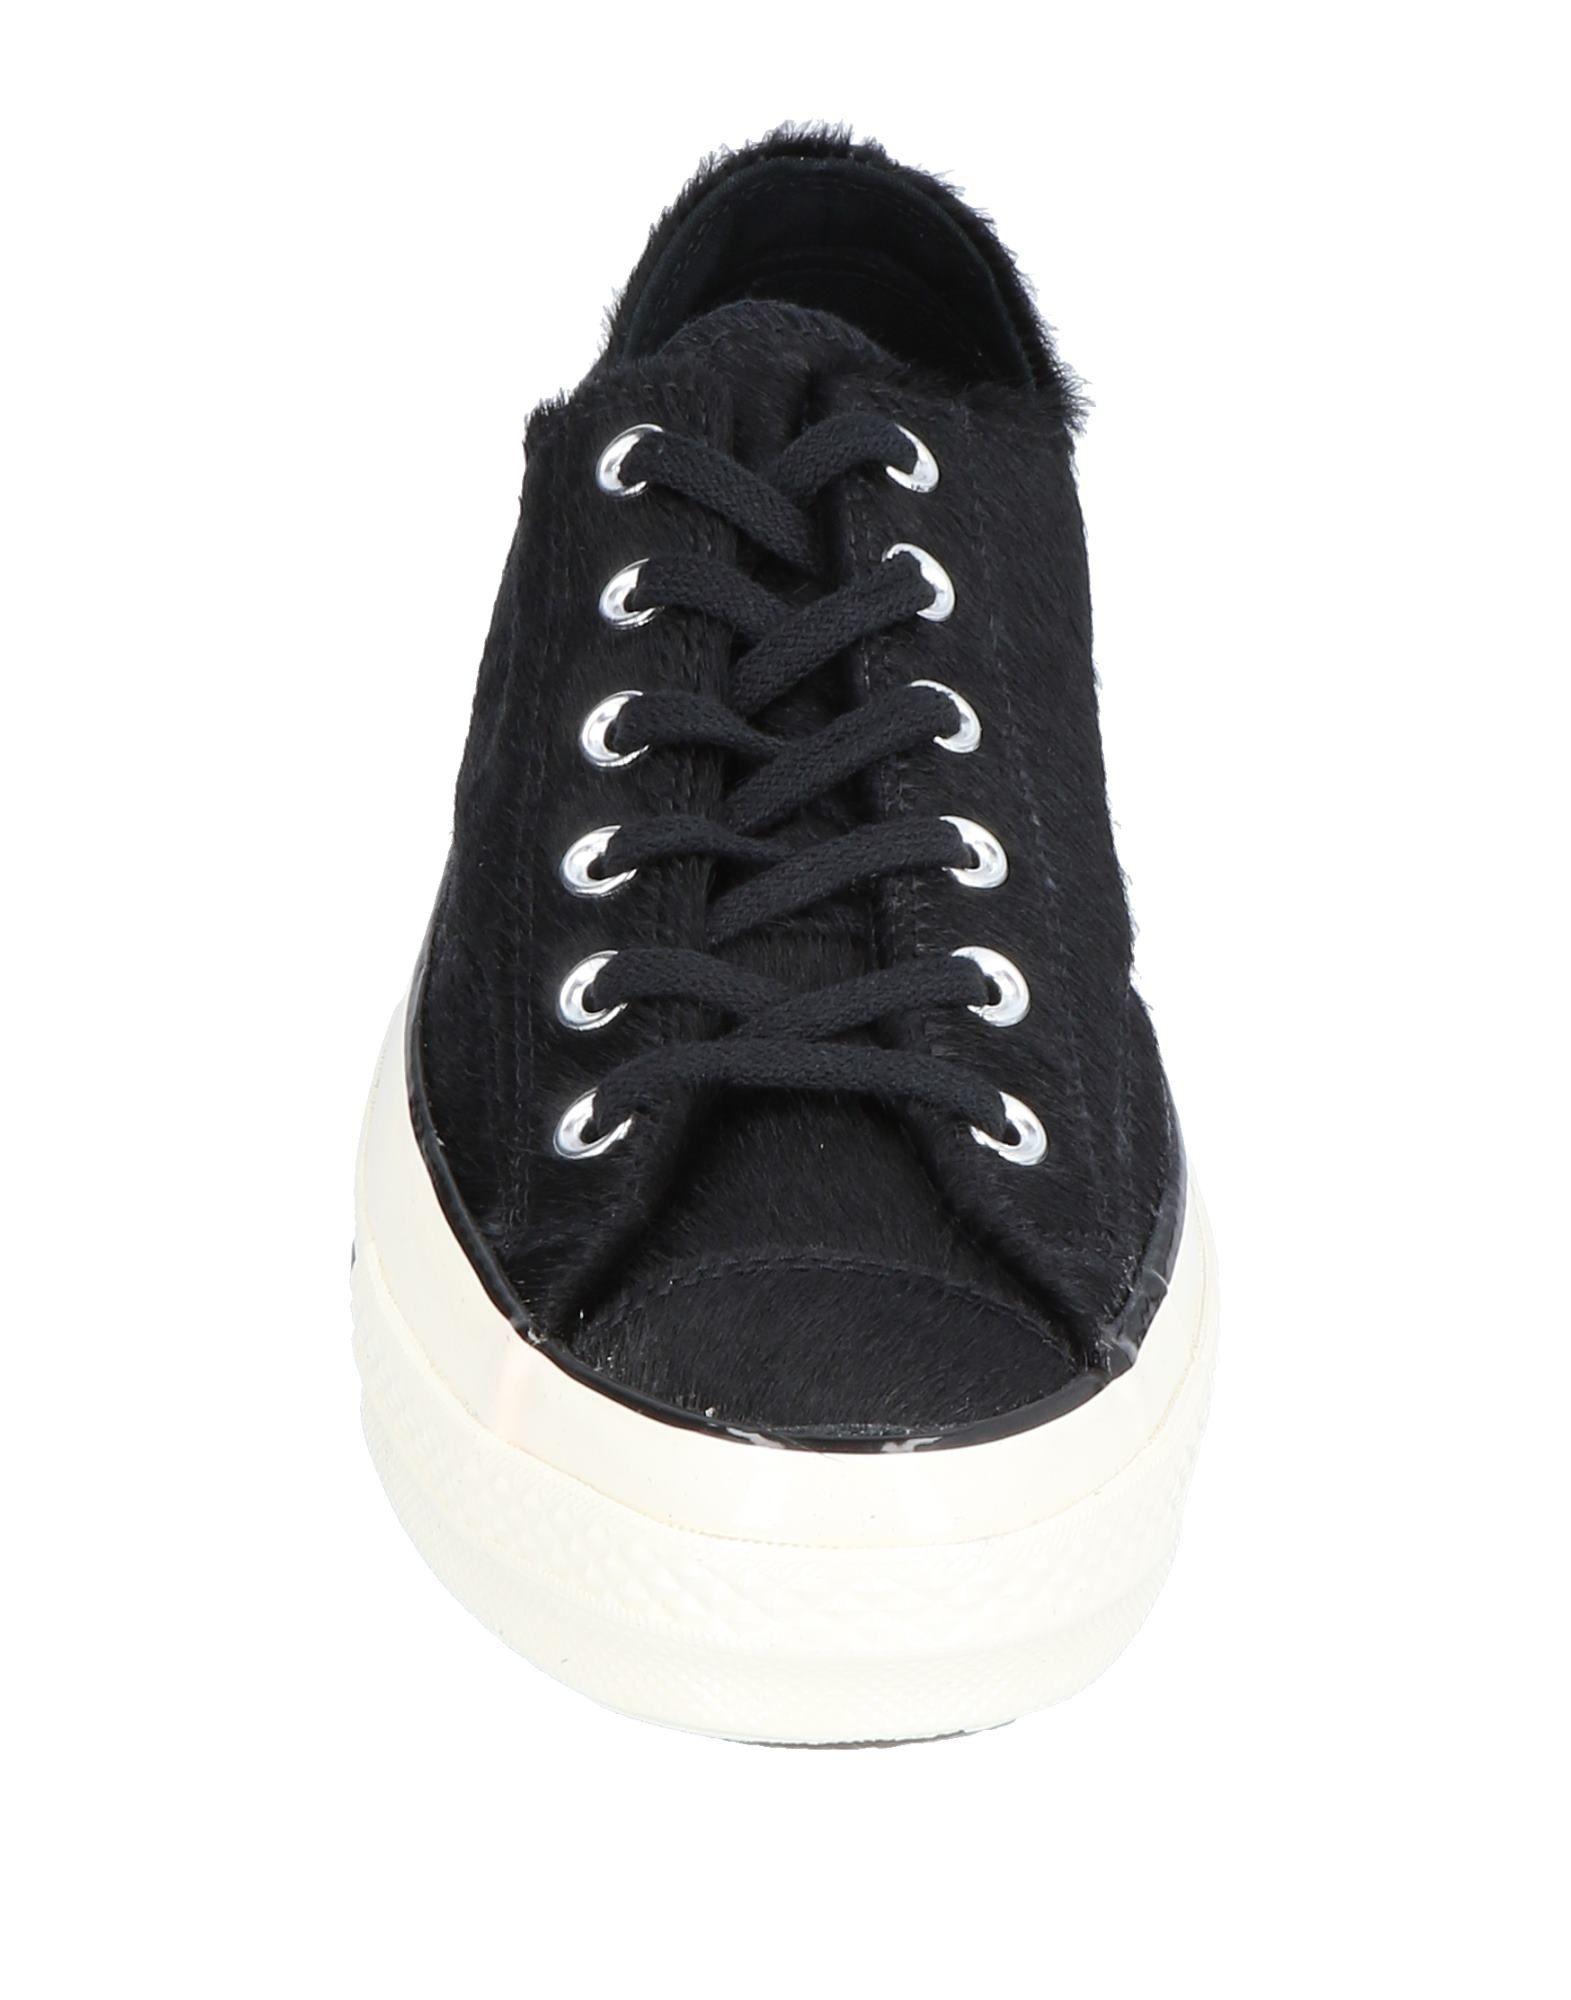 Converse Converse Converse Sneakers Herren Gutes Preis-Leistungs-Verhältnis, es lohnt sich db07e4